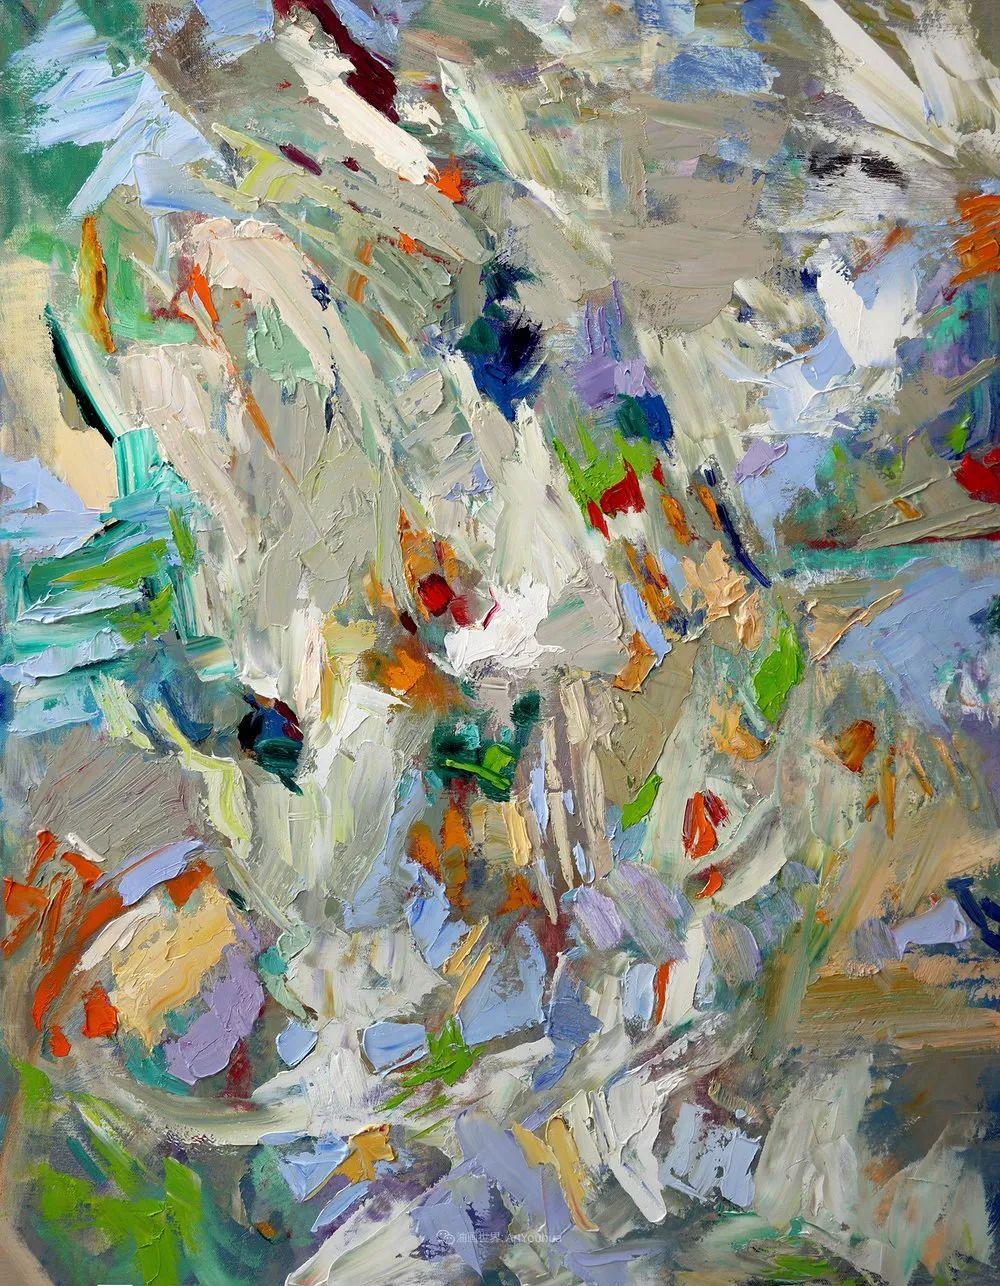 捕捉定格的瞬间美感,美国画家Sally Rosenbaum插图75